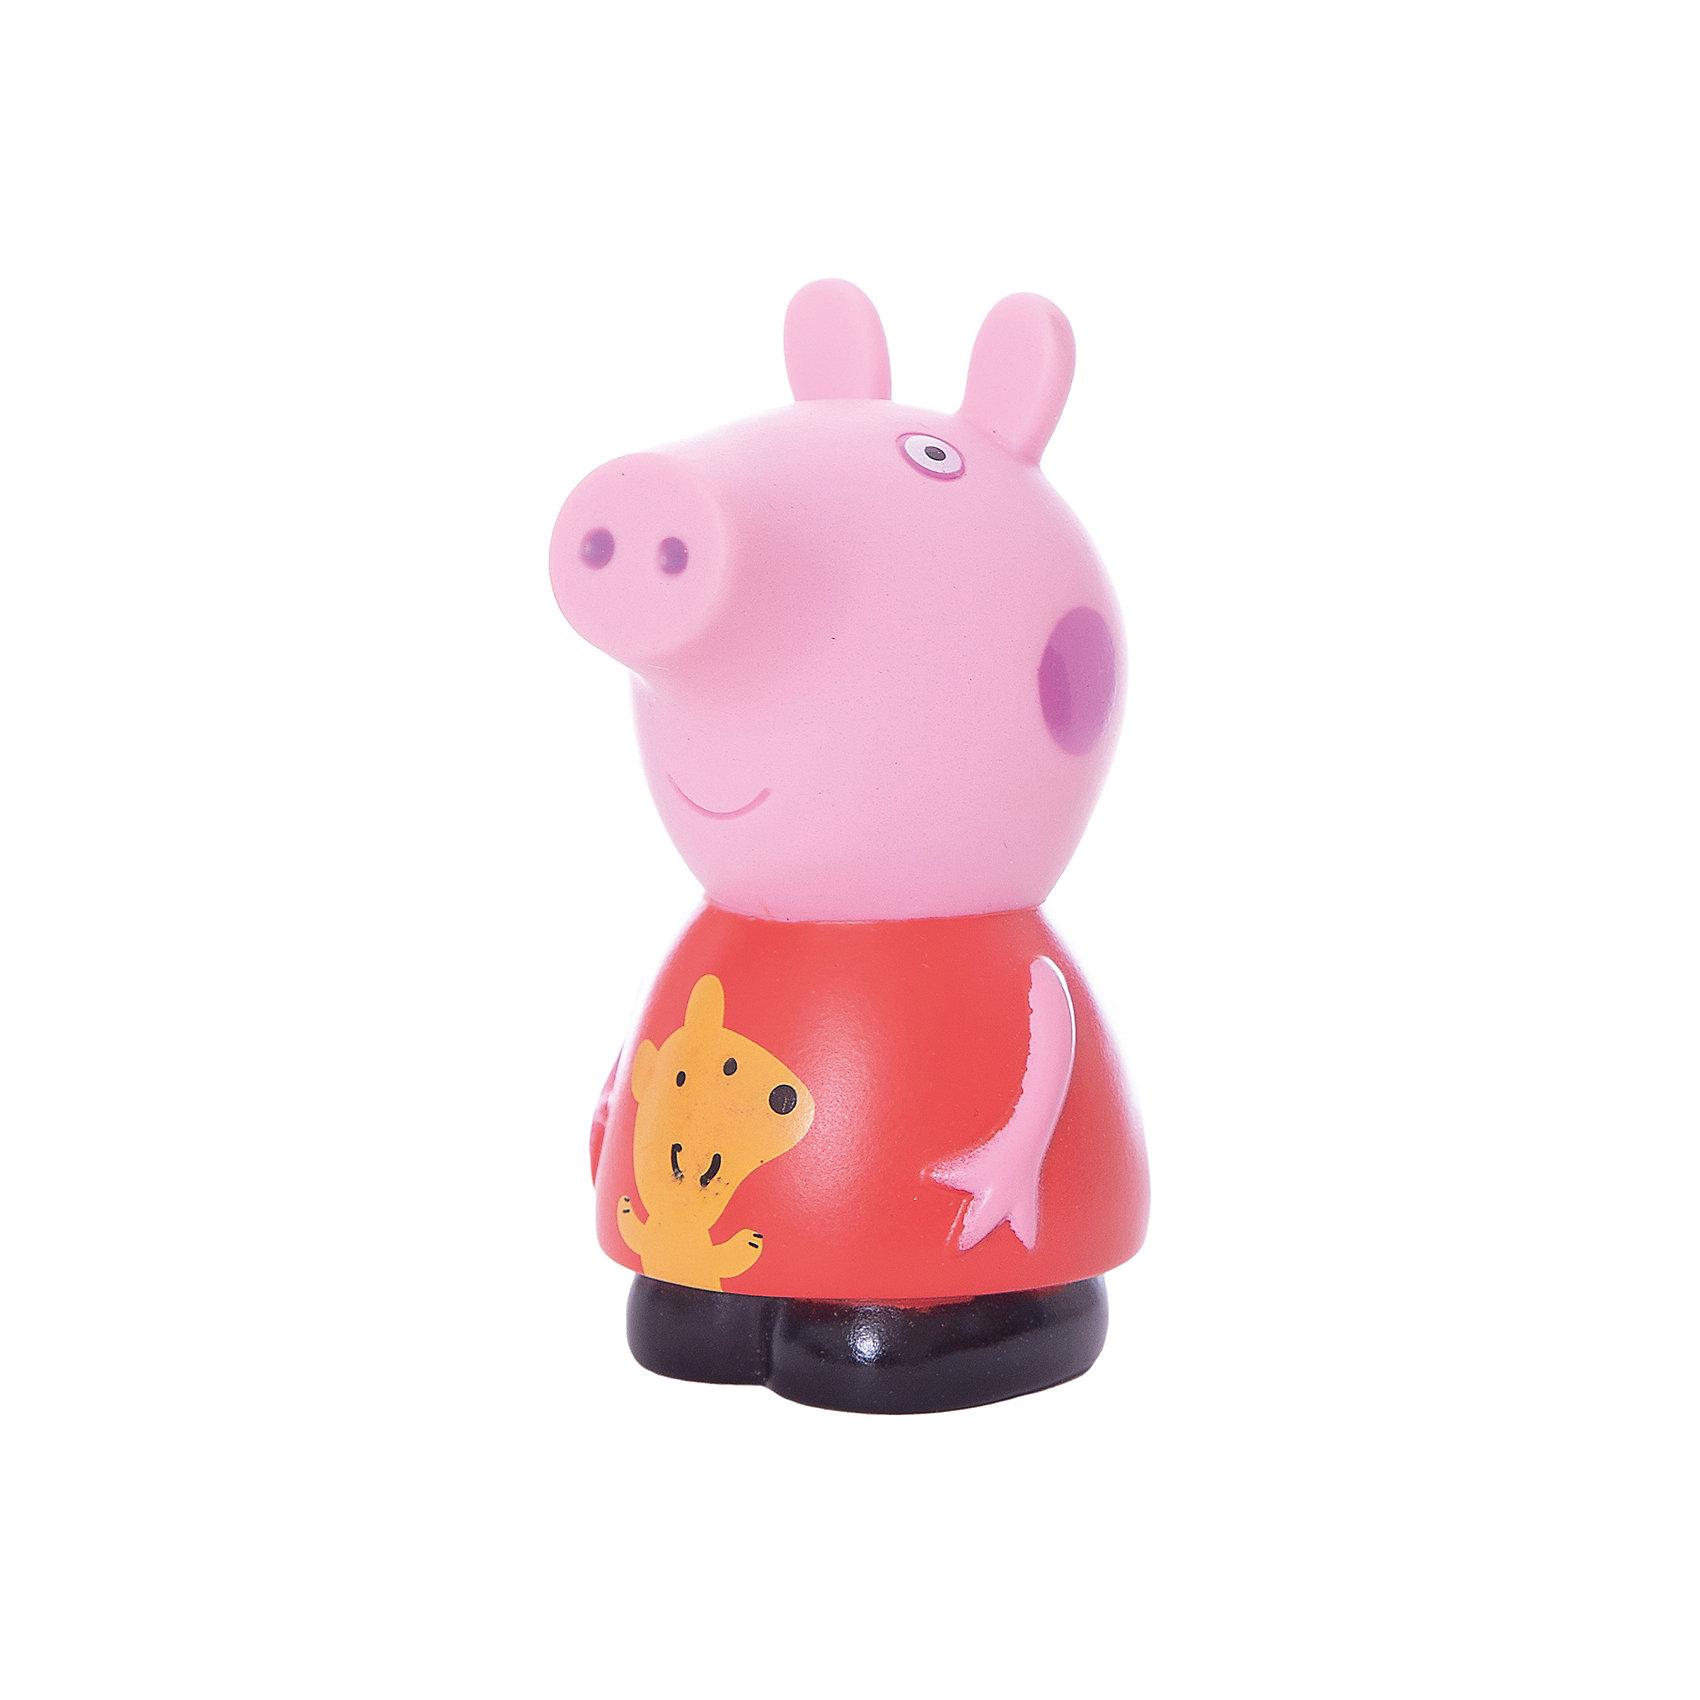 Игровой набор Пеппа 10 см, Свинка ПеппаПопулярные игрушки<br>Детишки обожают мультфильм «Свинка Пеппа» (Peppa Pig), поэтому игровой набор «Пеппа» (10 см) с забавным медвежонком на платьице придется по душе любому из них. С резиновой фигуркой малыш может увлеченно играть и дома, и на улице, и даже в ванне. Ее яркая окраска улучшает цветовосприятие малютки, а приятная на ощупь поверхность развивает тактильные ощущения. Товар сертифицирован. Срок годности не ограничен.<br><br>Игровой набор Пеппа 10 см, Свинка Пеппа (Peppa Pig)можно купить в нашем магазине.<br><br>Ширина мм: 60<br>Глубина мм: 53<br>Высота мм: 100<br>Вес г: 46<br>Возраст от месяцев: 36<br>Возраст до месяцев: 2147483647<br>Пол: Унисекс<br>Возраст: Детский<br>SKU: 4102301